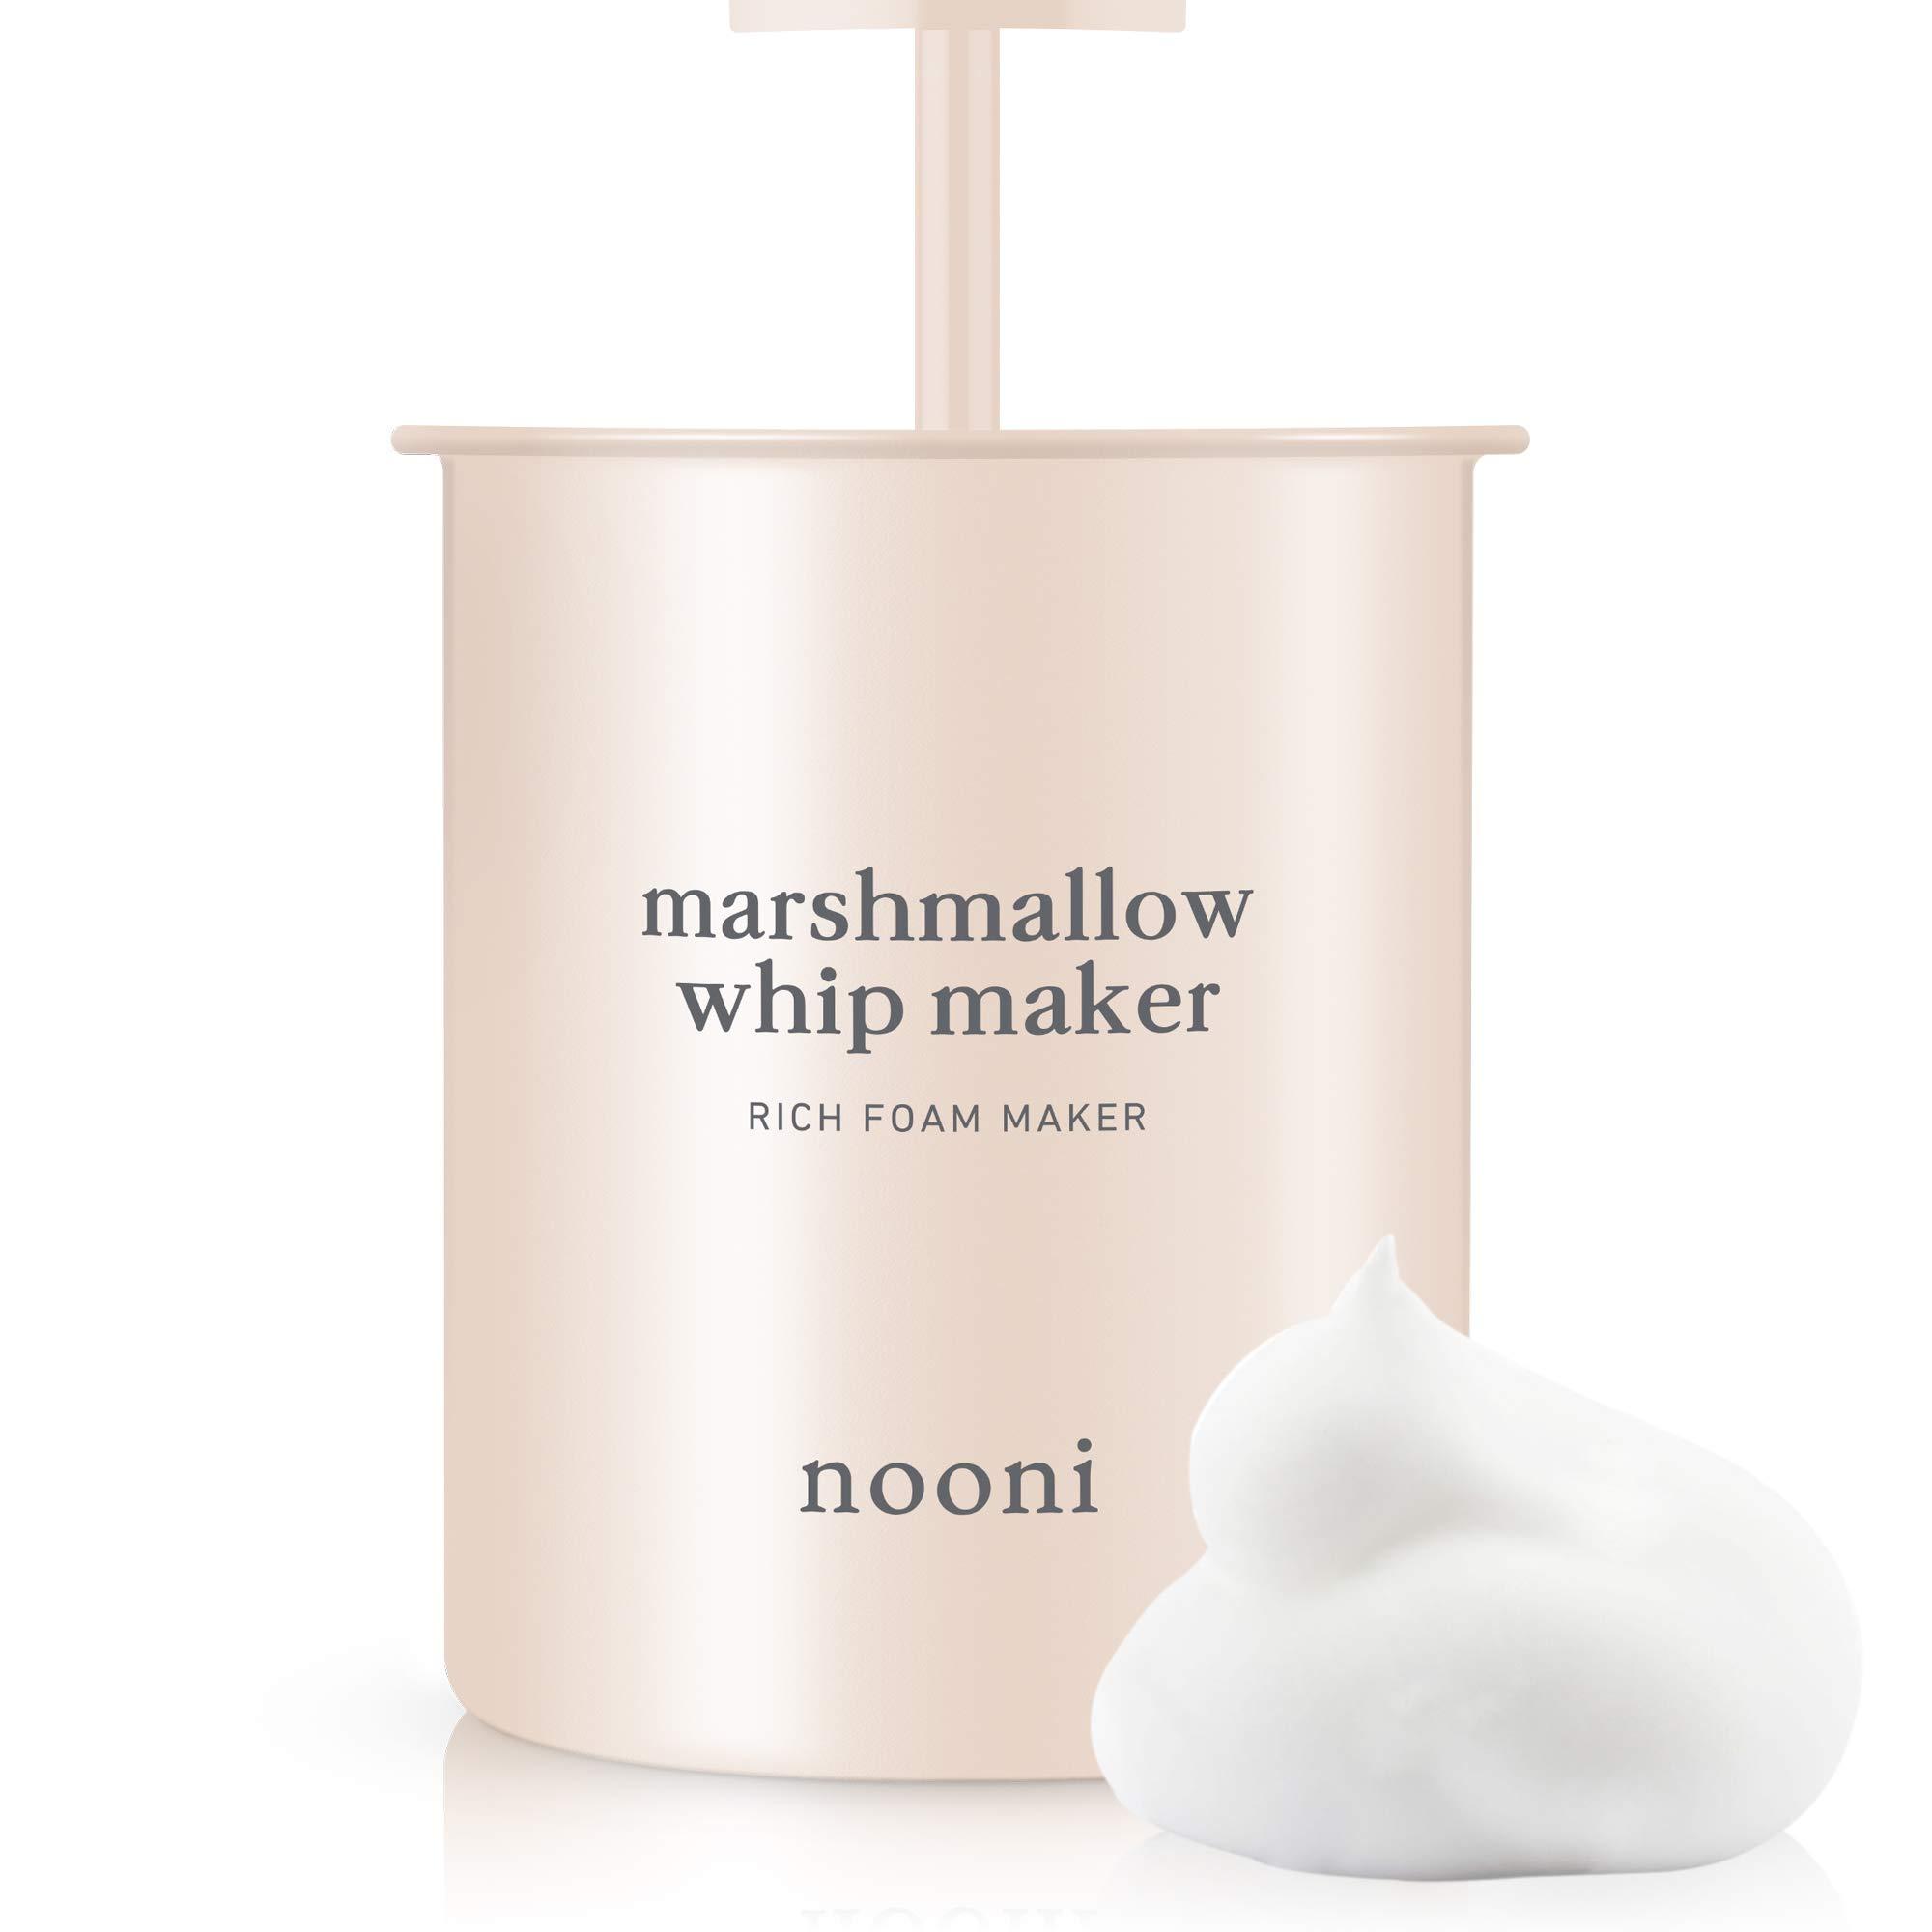 NOONI - Marshmallow Whip Maker